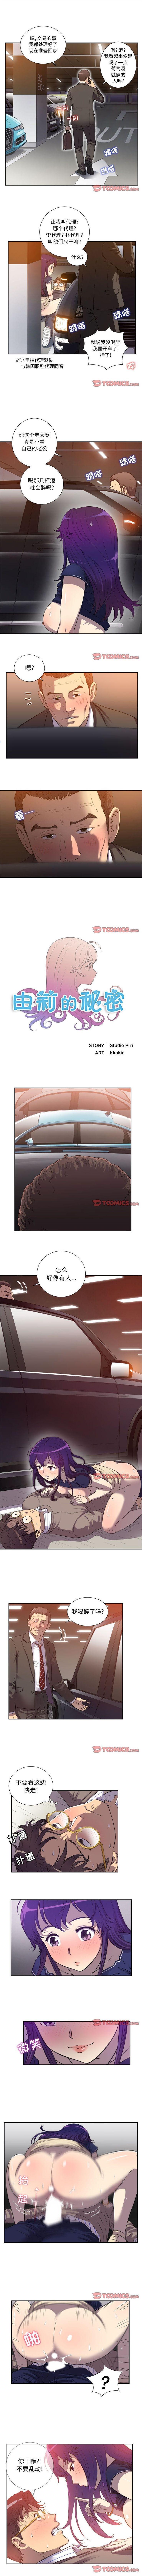 由莉的秘密1-60 中文翻译 (更新中) 266